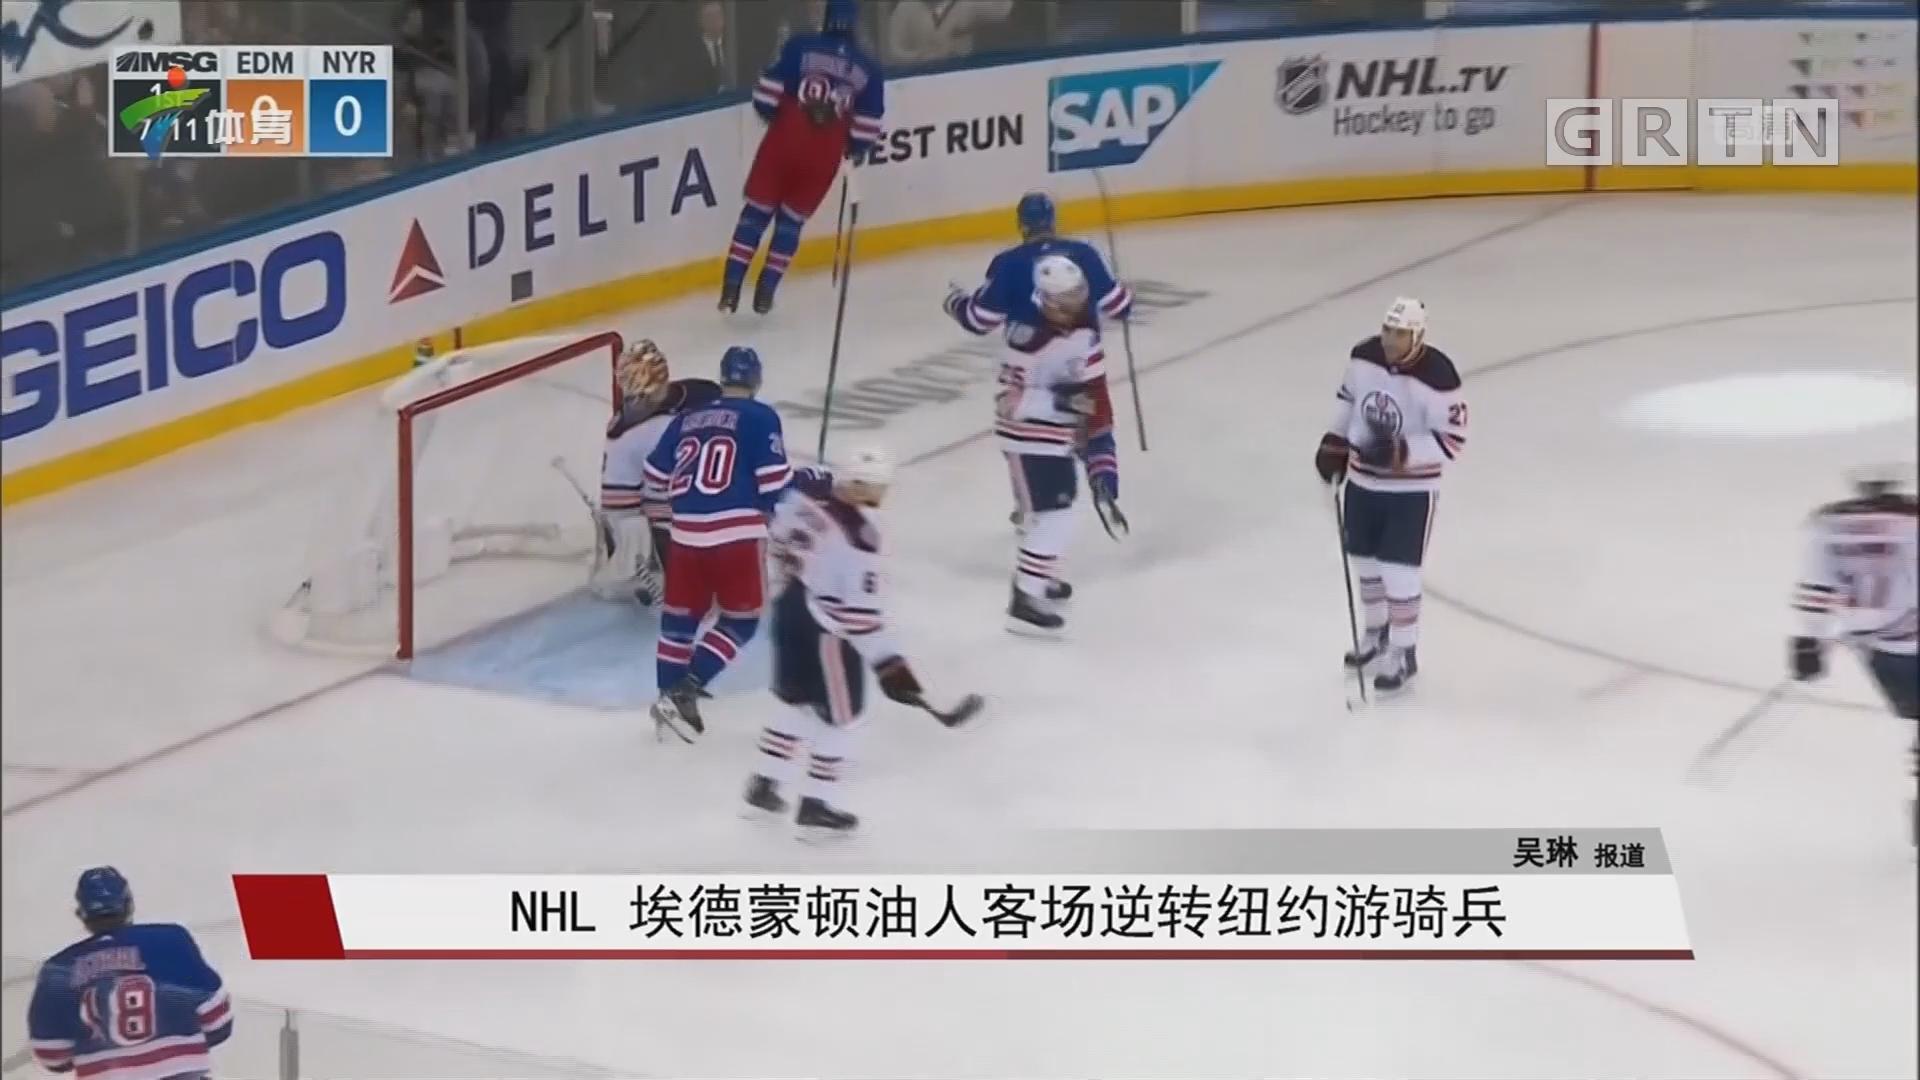 NHL 埃德蒙顿油人客场逆转纽约游骑兵